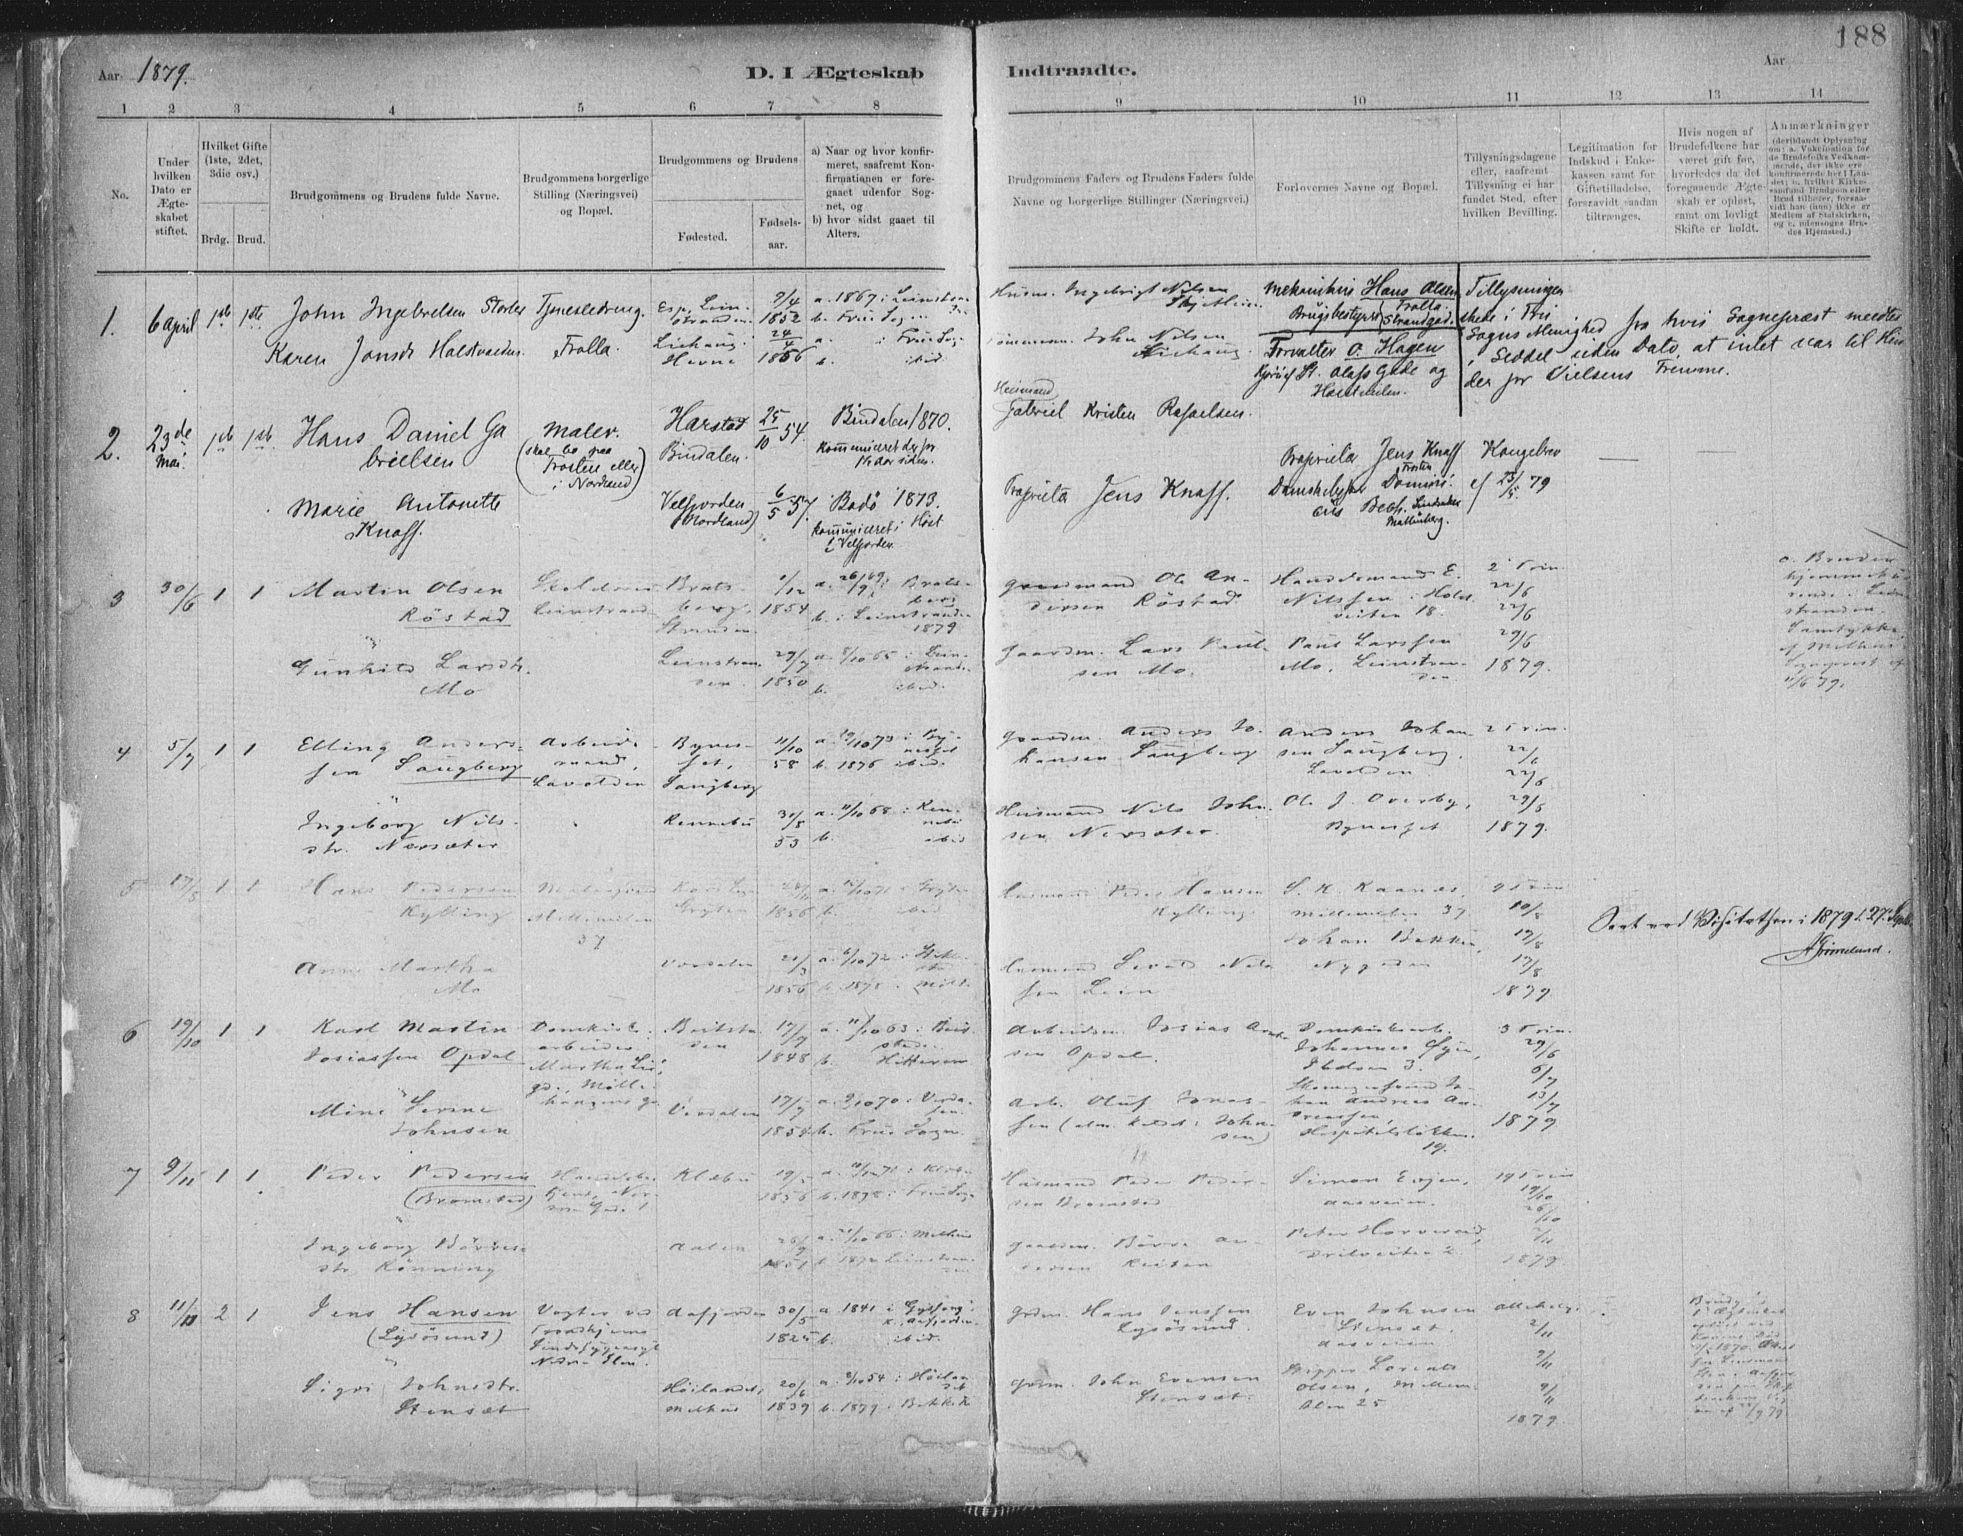 SAT, Ministerialprotokoller, klokkerbøker og fødselsregistre - Sør-Trøndelag, 603/L0162: Ministerialbok nr. 603A01, 1879-1895, s. 188